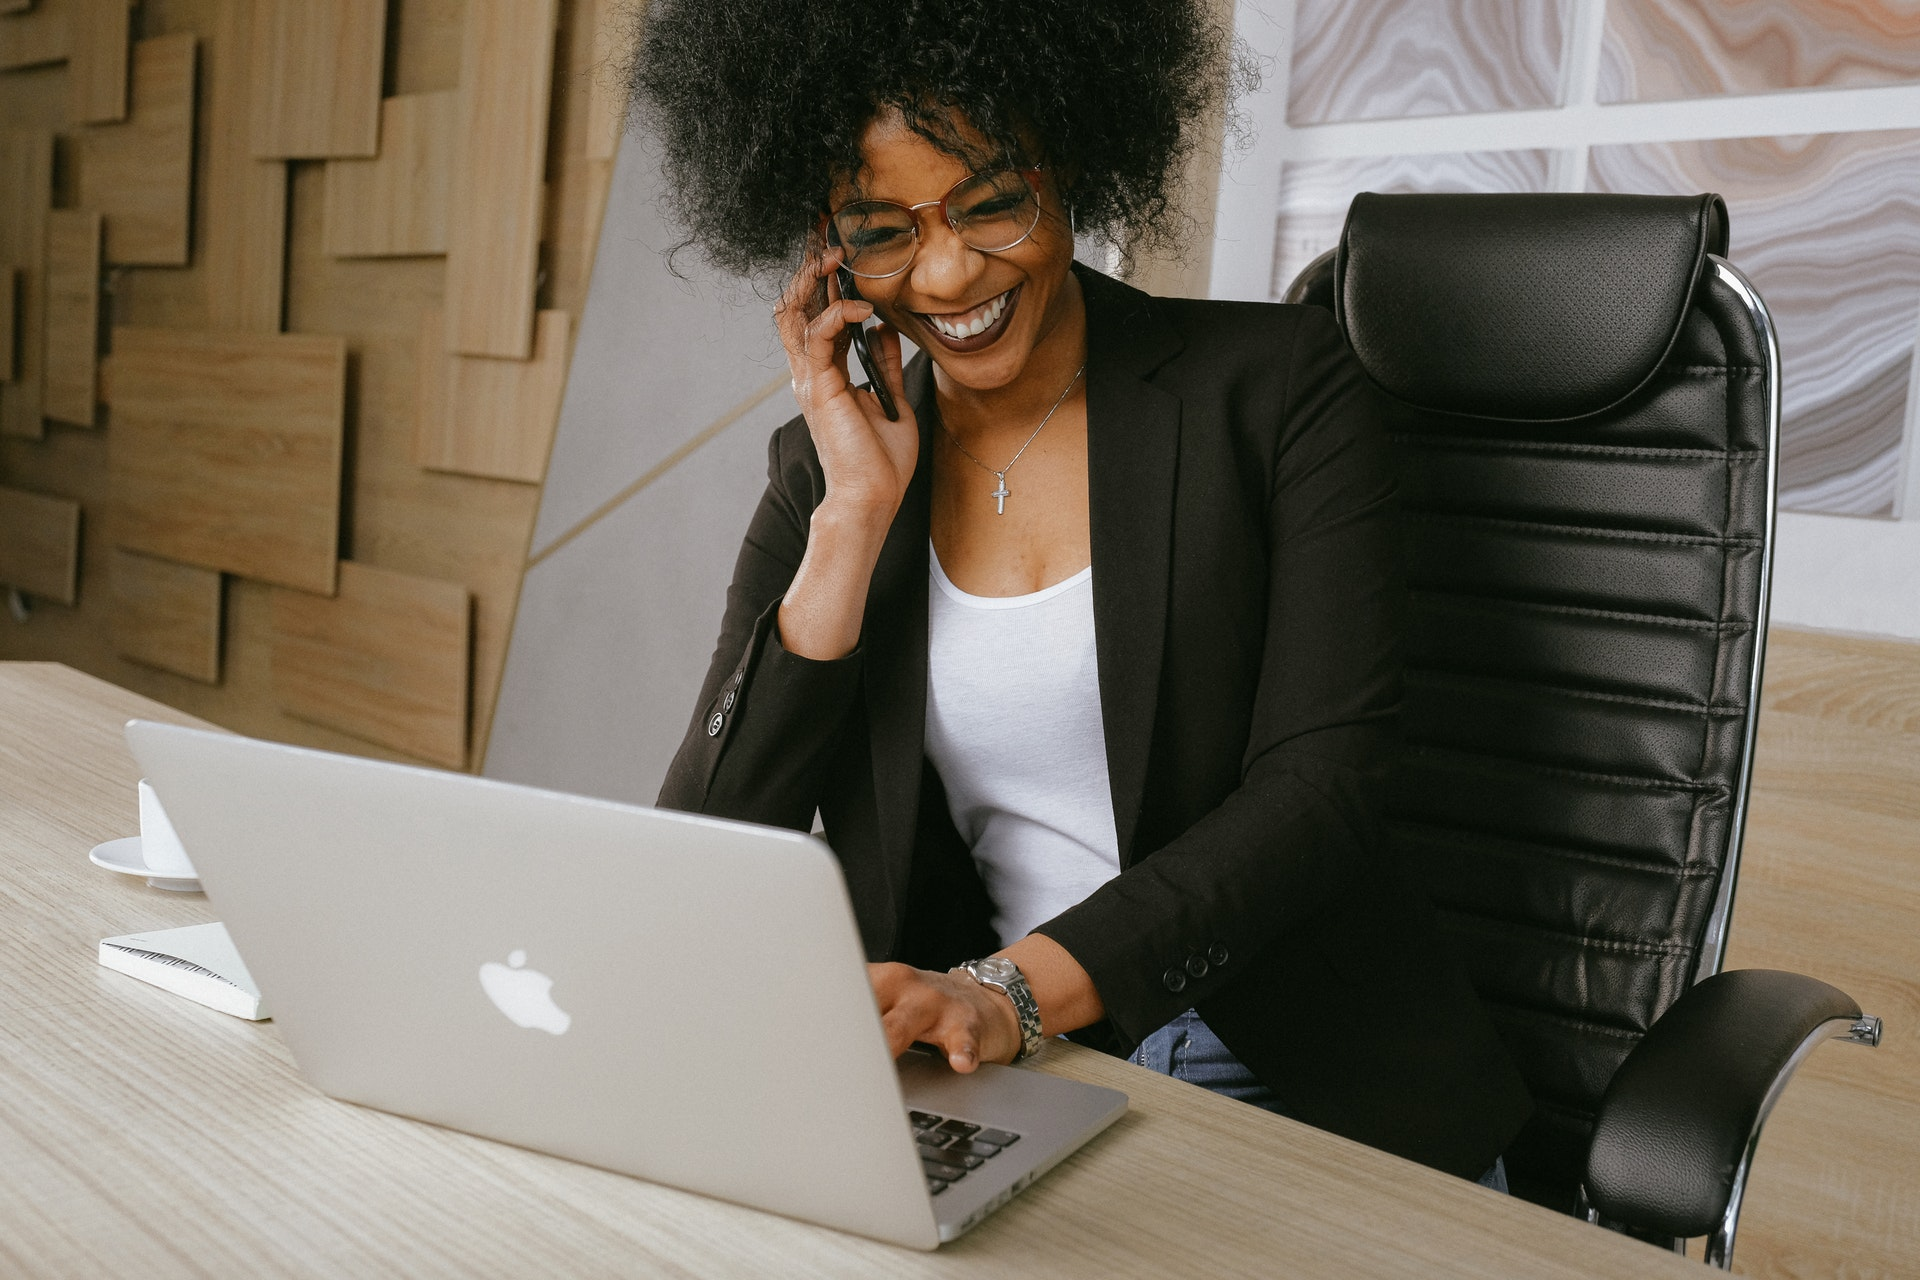 Imagem de uma empresária ao telefone e usando um computador. Imagem ilustrativa texto empreendedor individual.